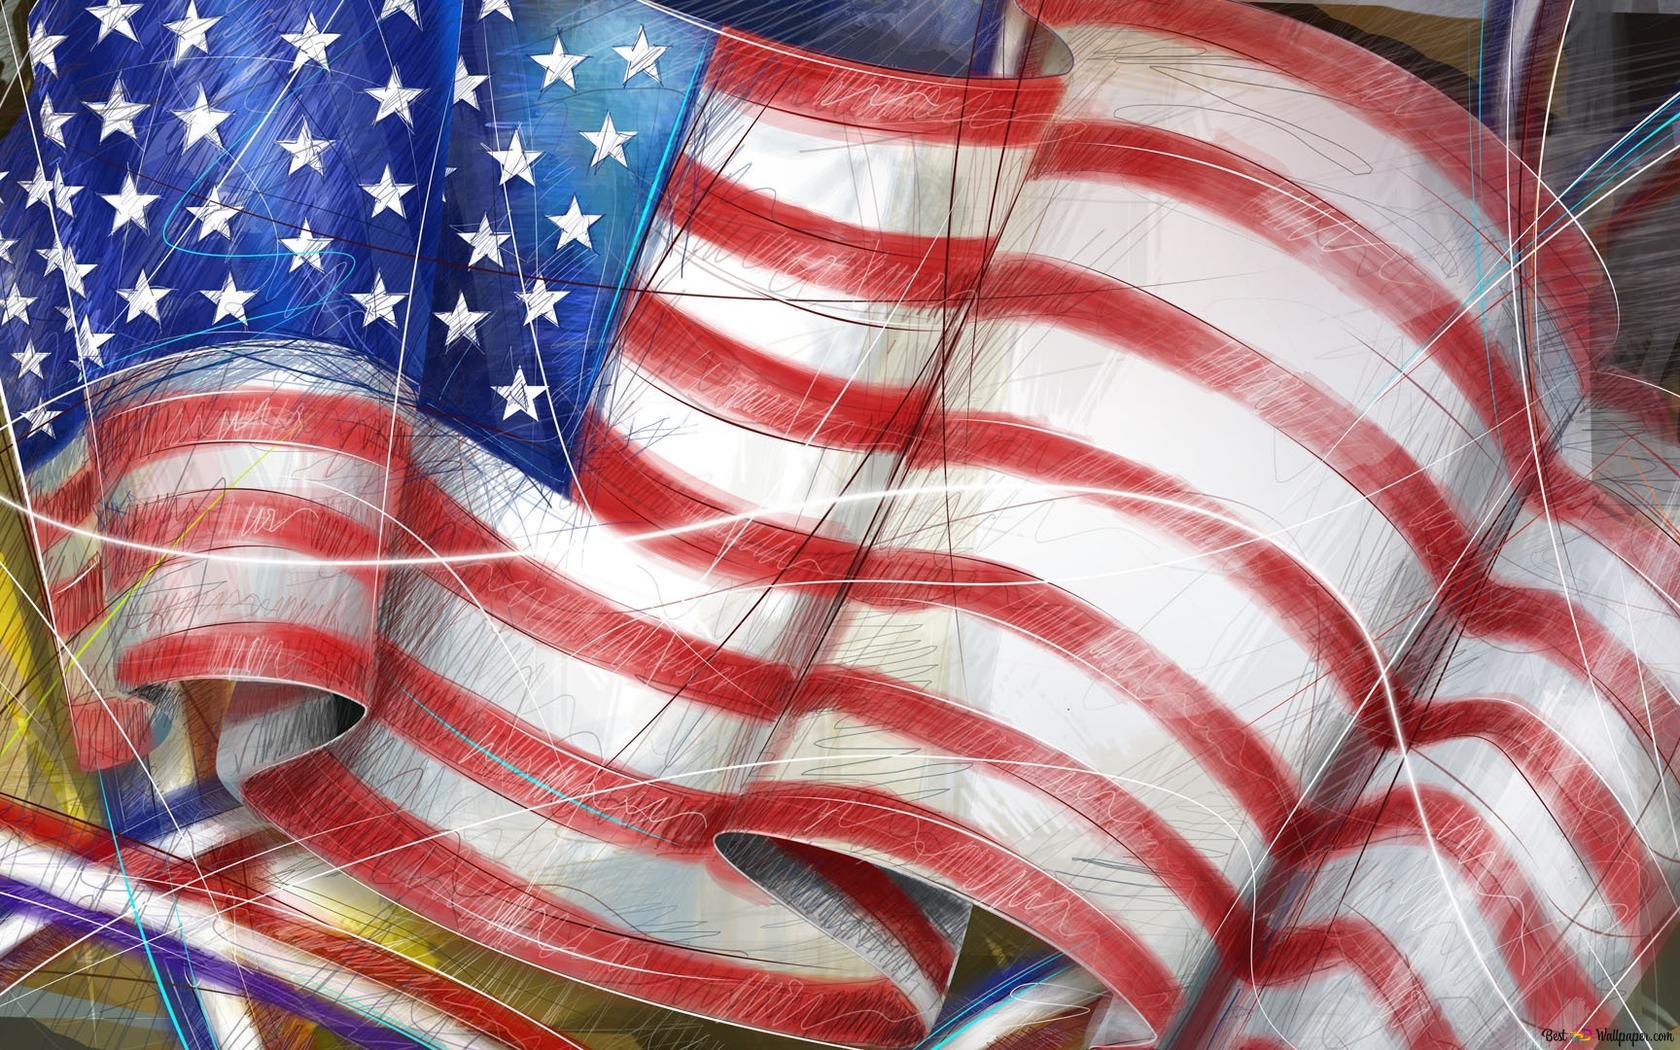 アメリカの国旗 Hd壁紙のダウンロード